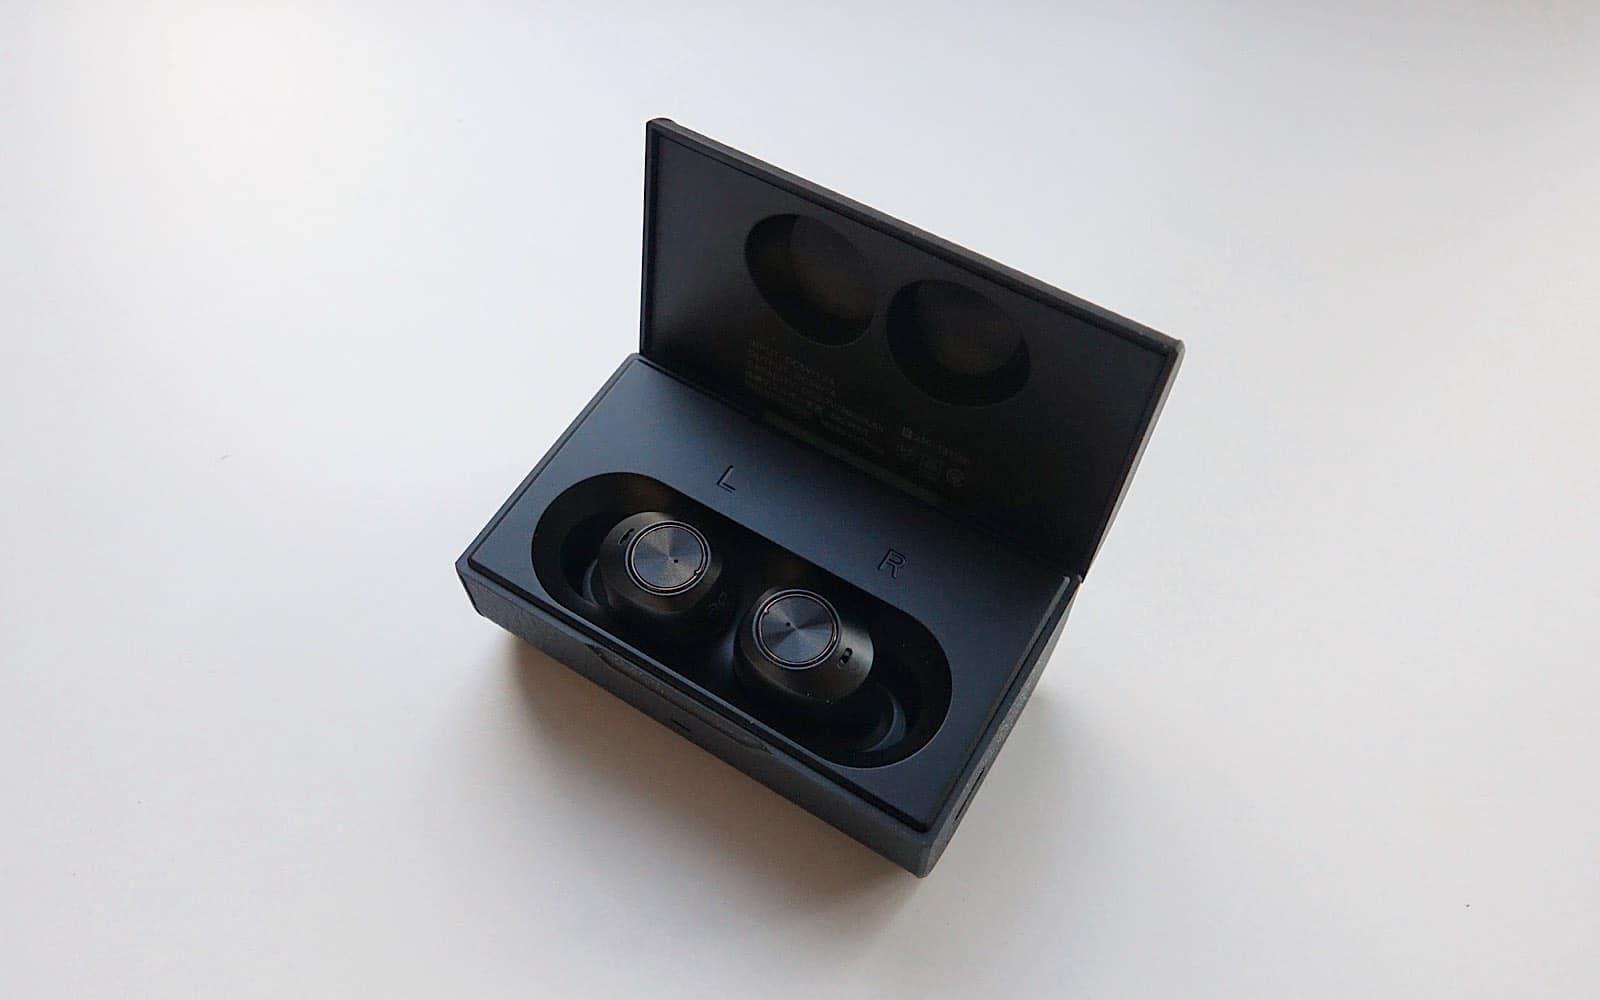 Ag TWS04K earphones